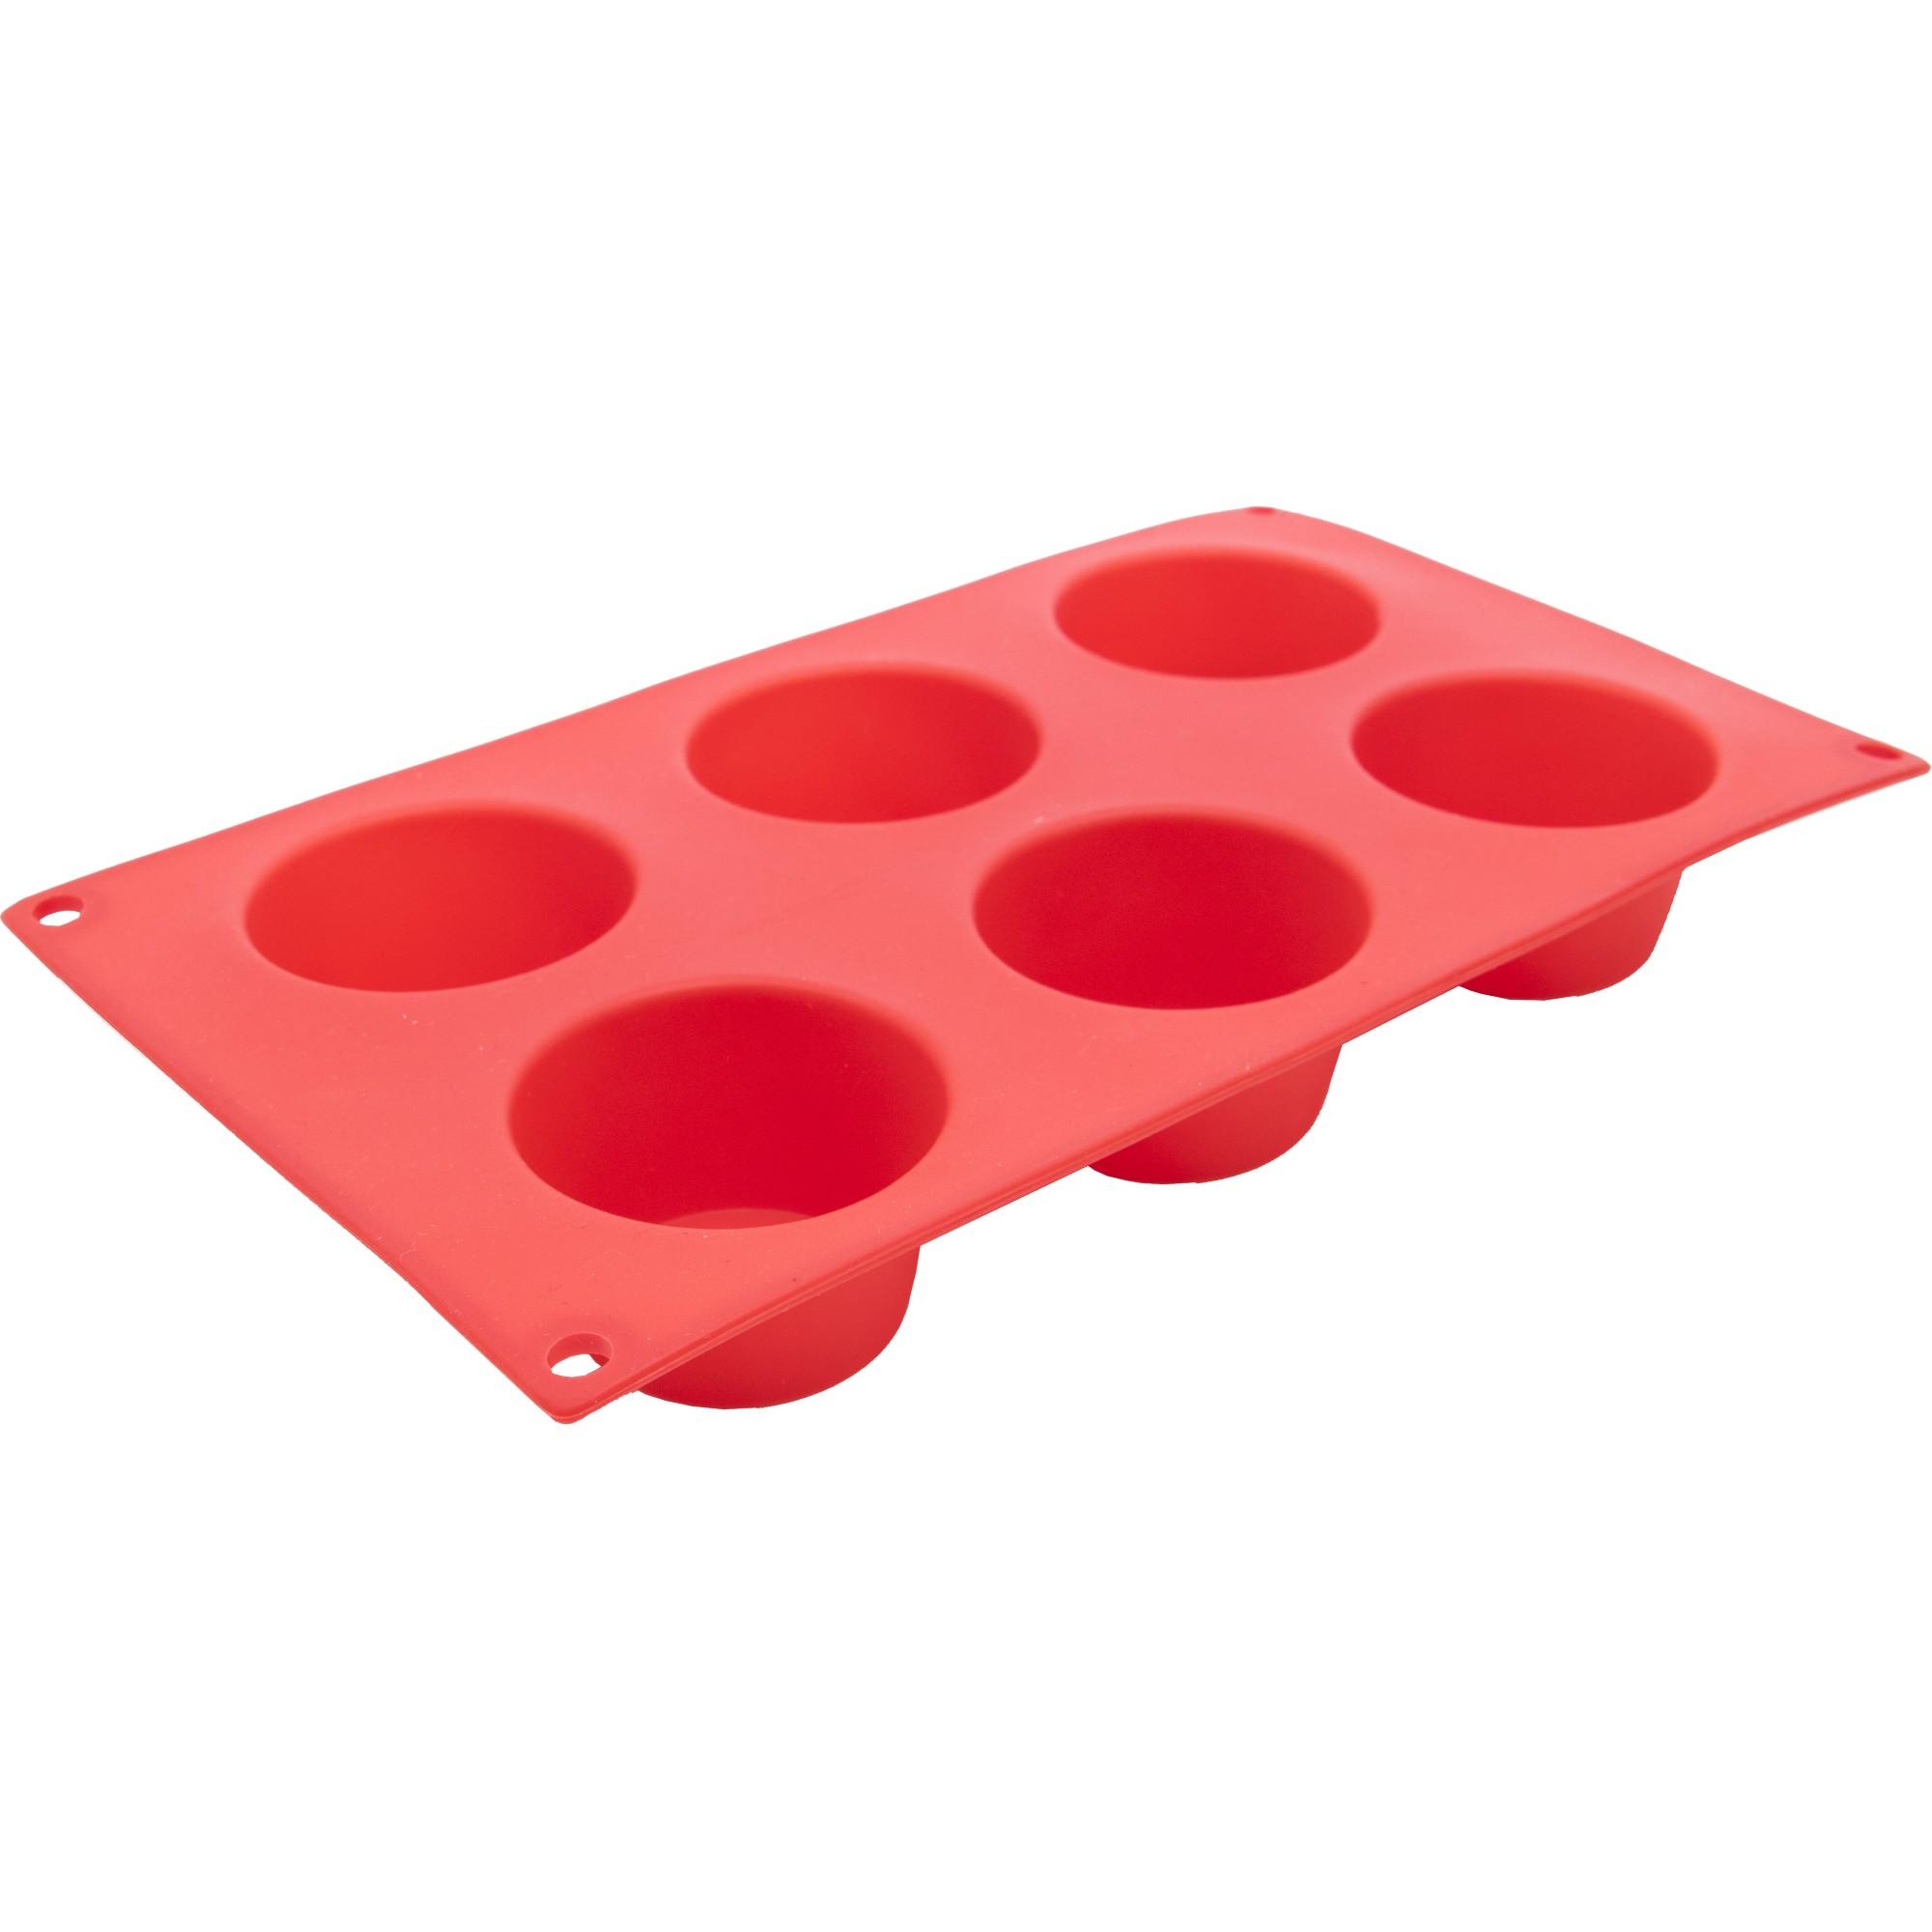 Forma de Silicone para Cupcake Retangular 29x17cm com 6 Divisorias Vermelha - Mundiart